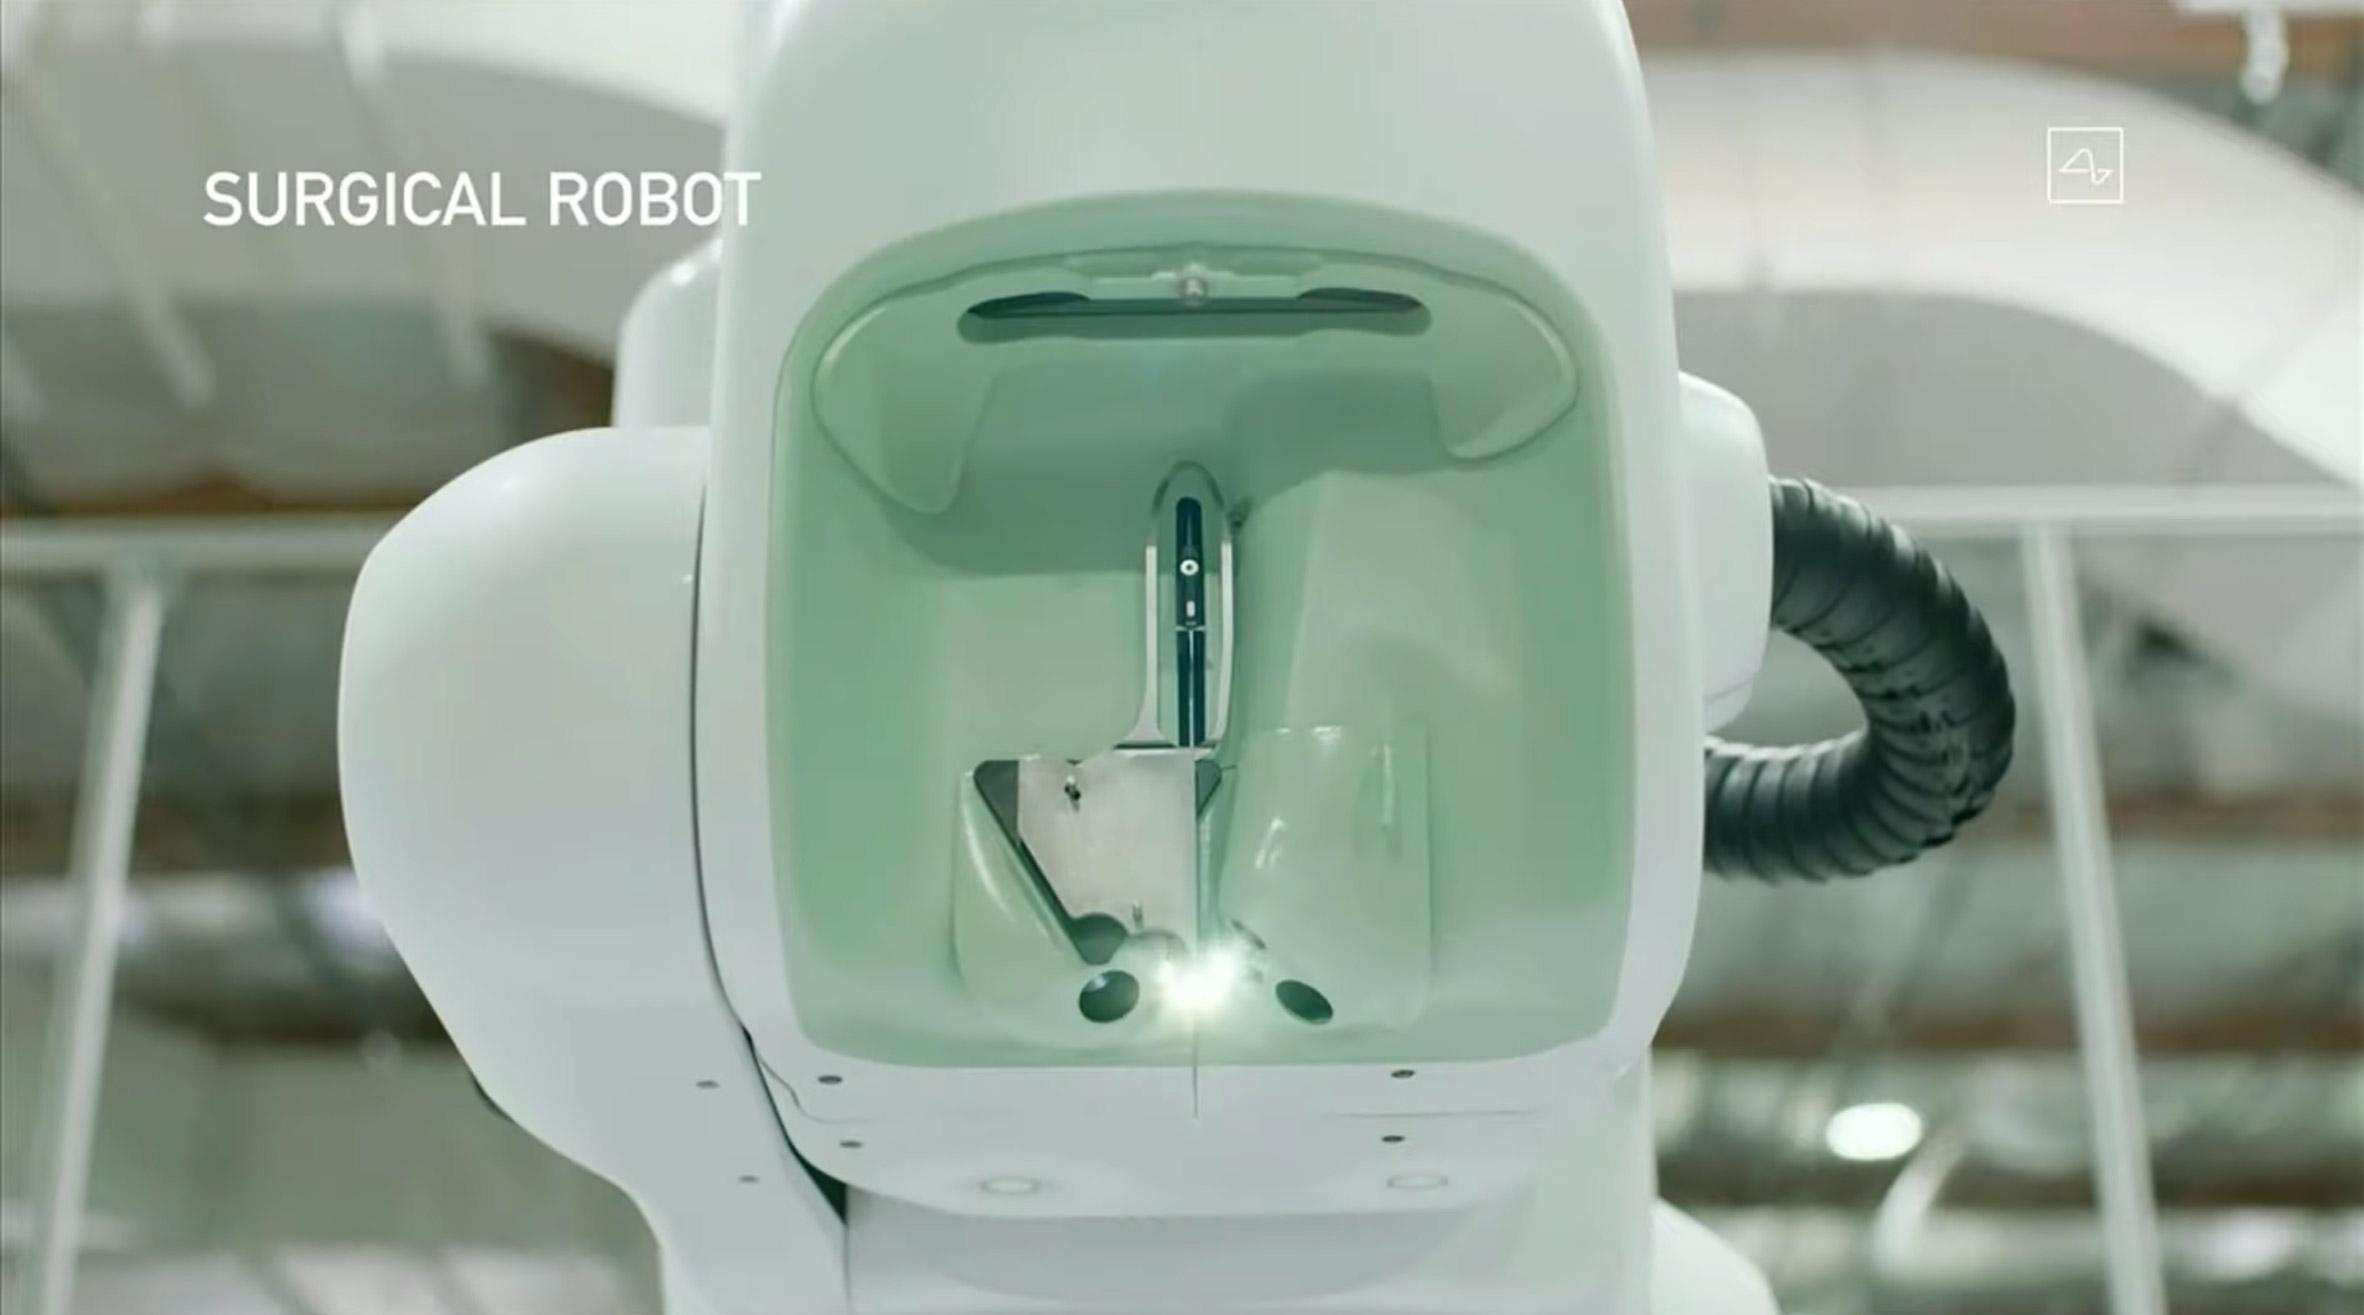 """Спроектированная """"с нулевым пространством для ошибок"""", головка машины удерживает и направляет иглу, которая выполняет операцию, и содержит большое количество камер и датчиков для захвата всего мозга.Асимметричный кузов имеет """"автомобильную кривизну"""" и обеспечивает механику управляемого движения. Эта часть робота, которая движется по пяти осям, была спроектирована так, чтобы движение казалось """"чистым и легким"""".Корпус крепится к основанию, которое обеспечивает взвешенную опору для всей конструкции и удерживает вычислительную мощность для работы всей машины."""